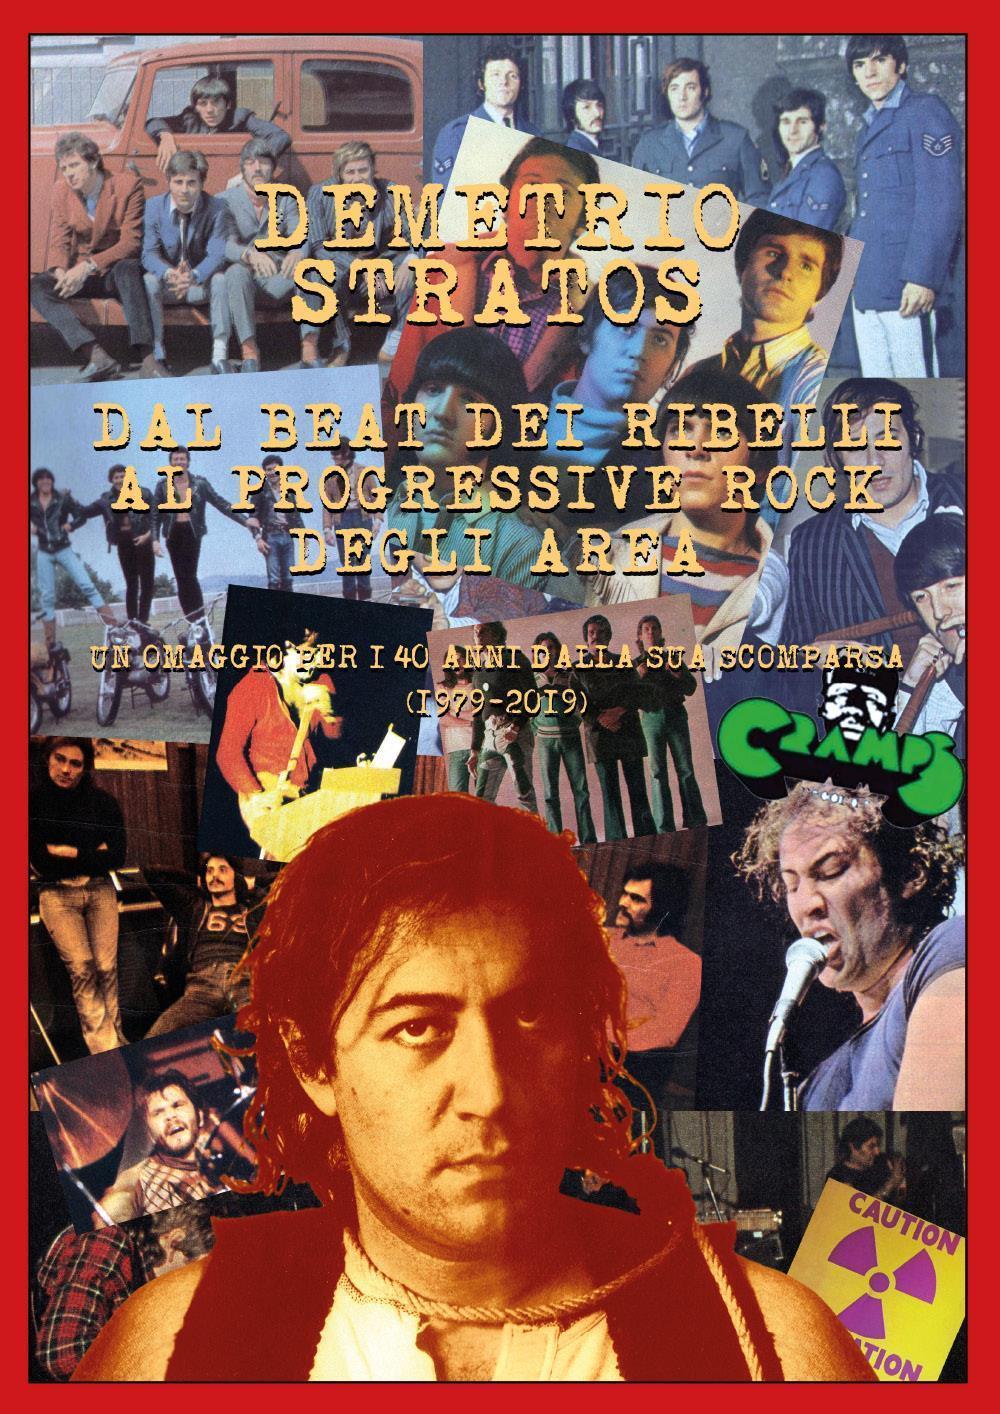 DEMETRIO STRATOS - DAL BEAT DEI RIBELLI AL  PROGRESSIVE ROCK DEGLI AREA. UN OMAGGIO PER I 40 ANNI DALLA SUA SCOMPARSA (1979-2019)